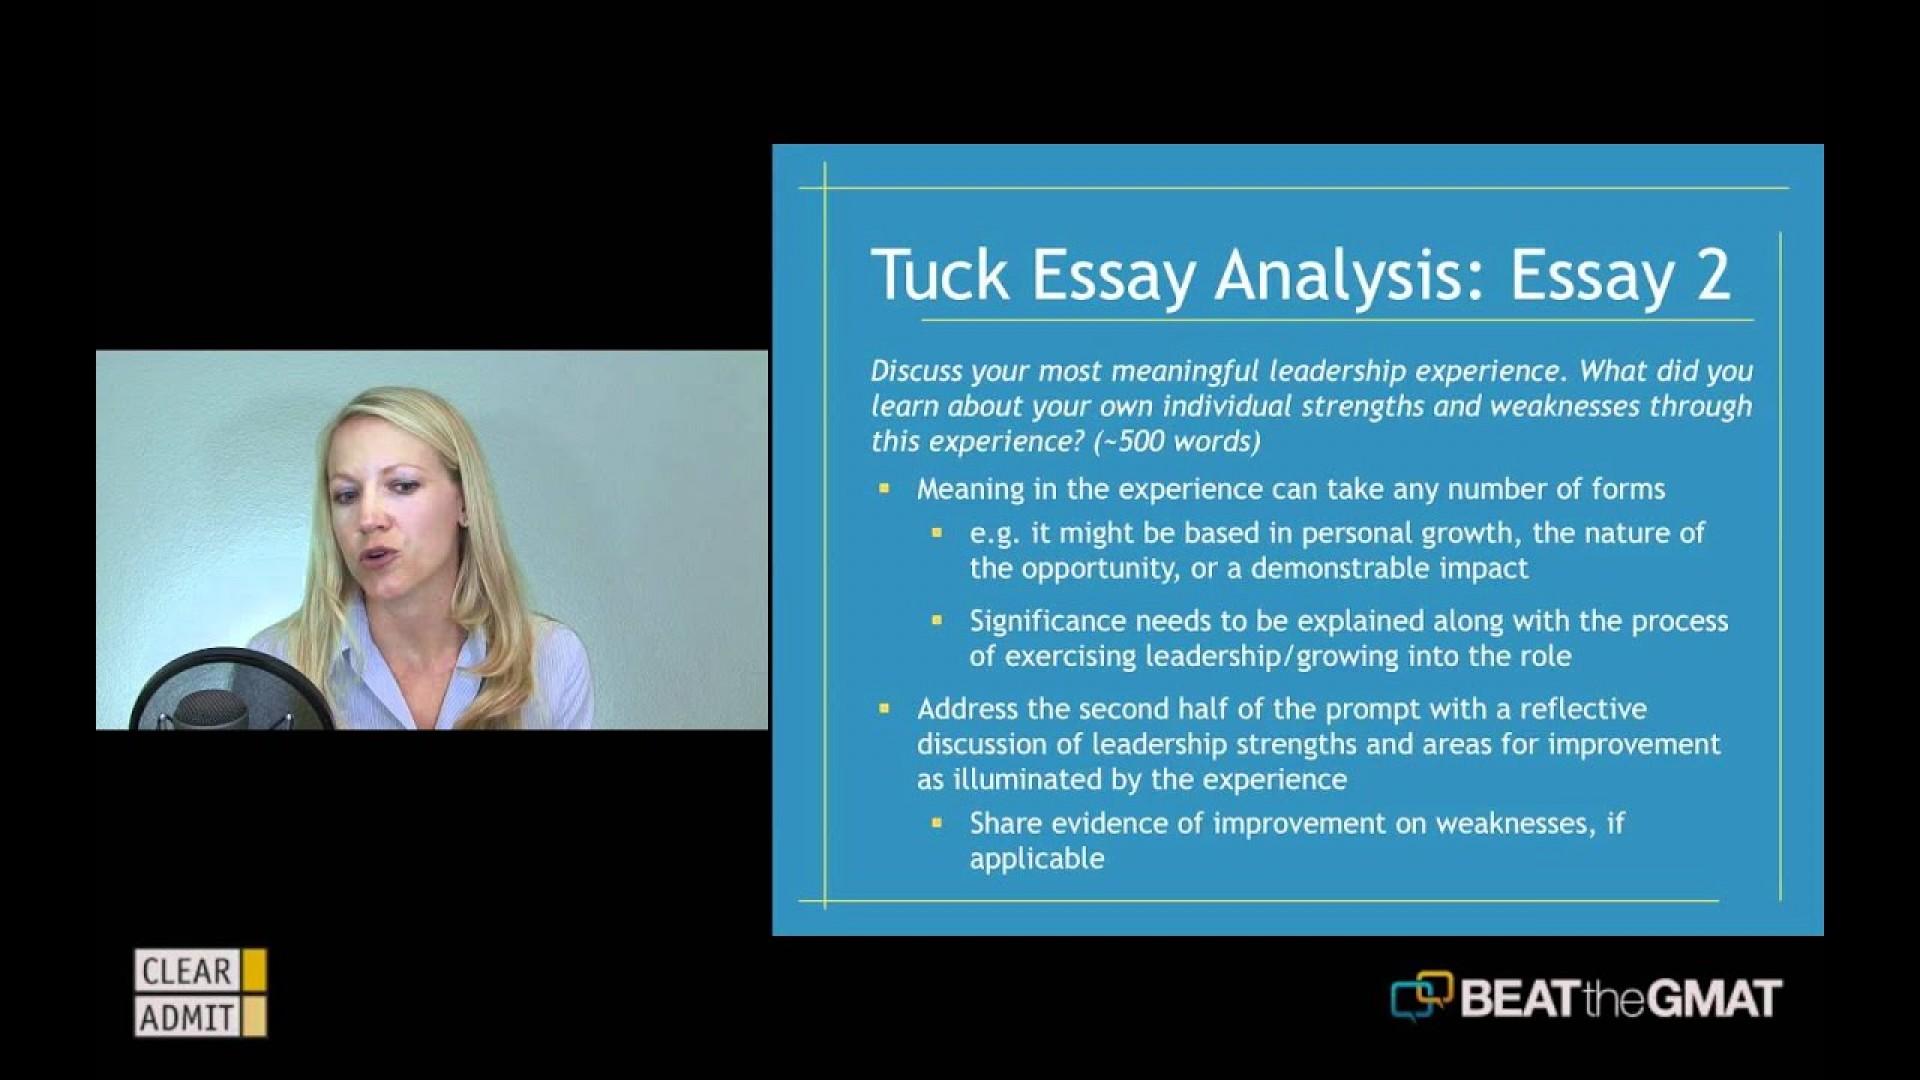 020 Essay Example Tuck Mba Essays Marvelous Sample Tips 2018 1920